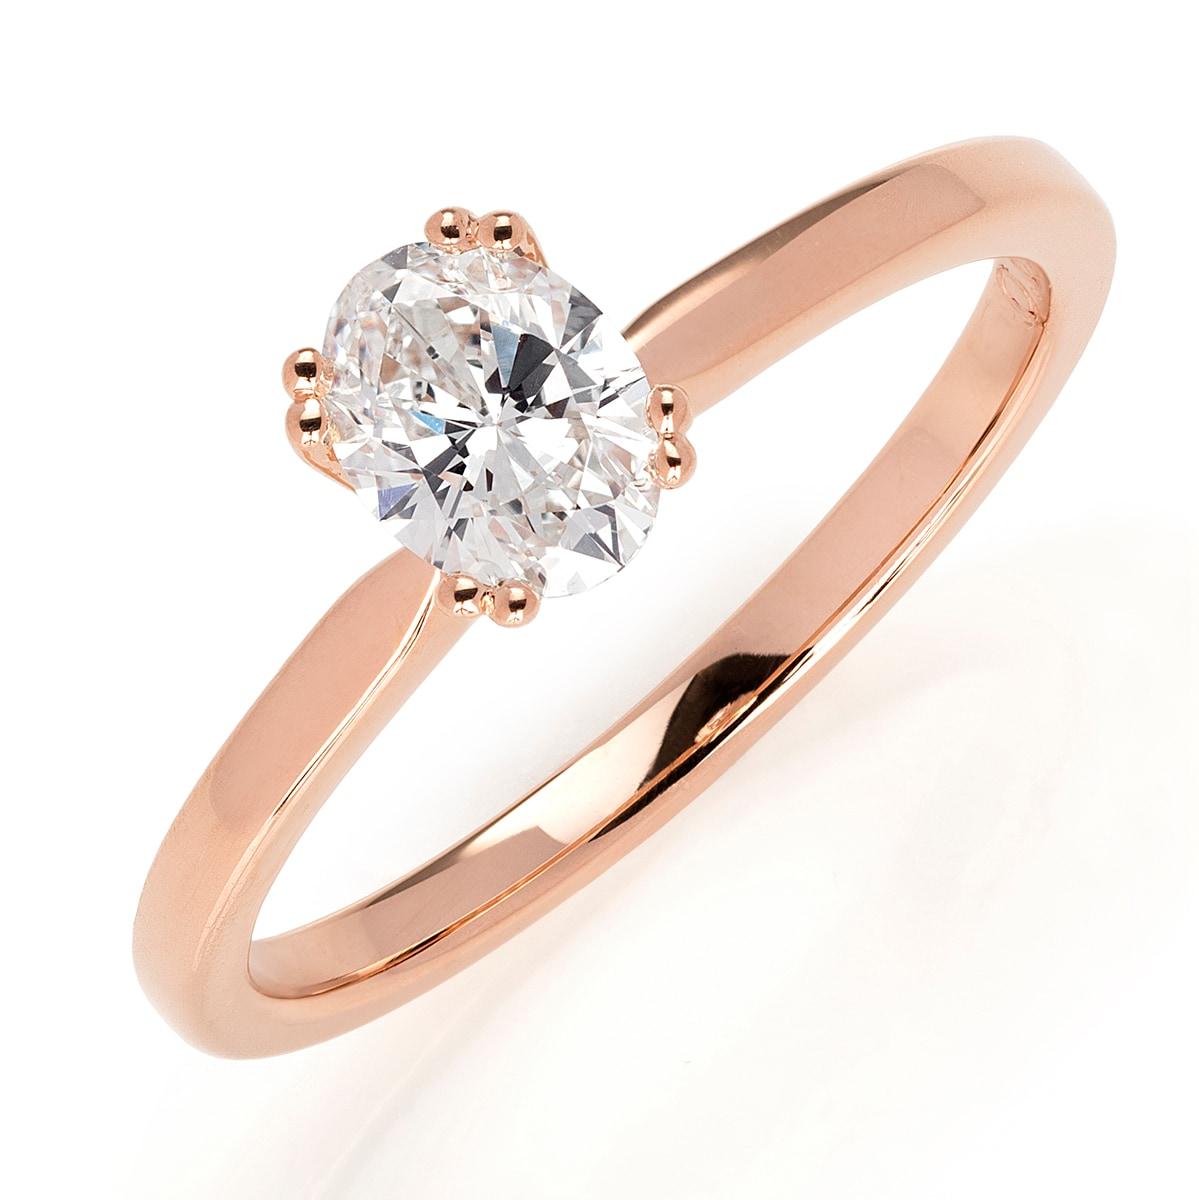 förlovningsringar rose guld diamant